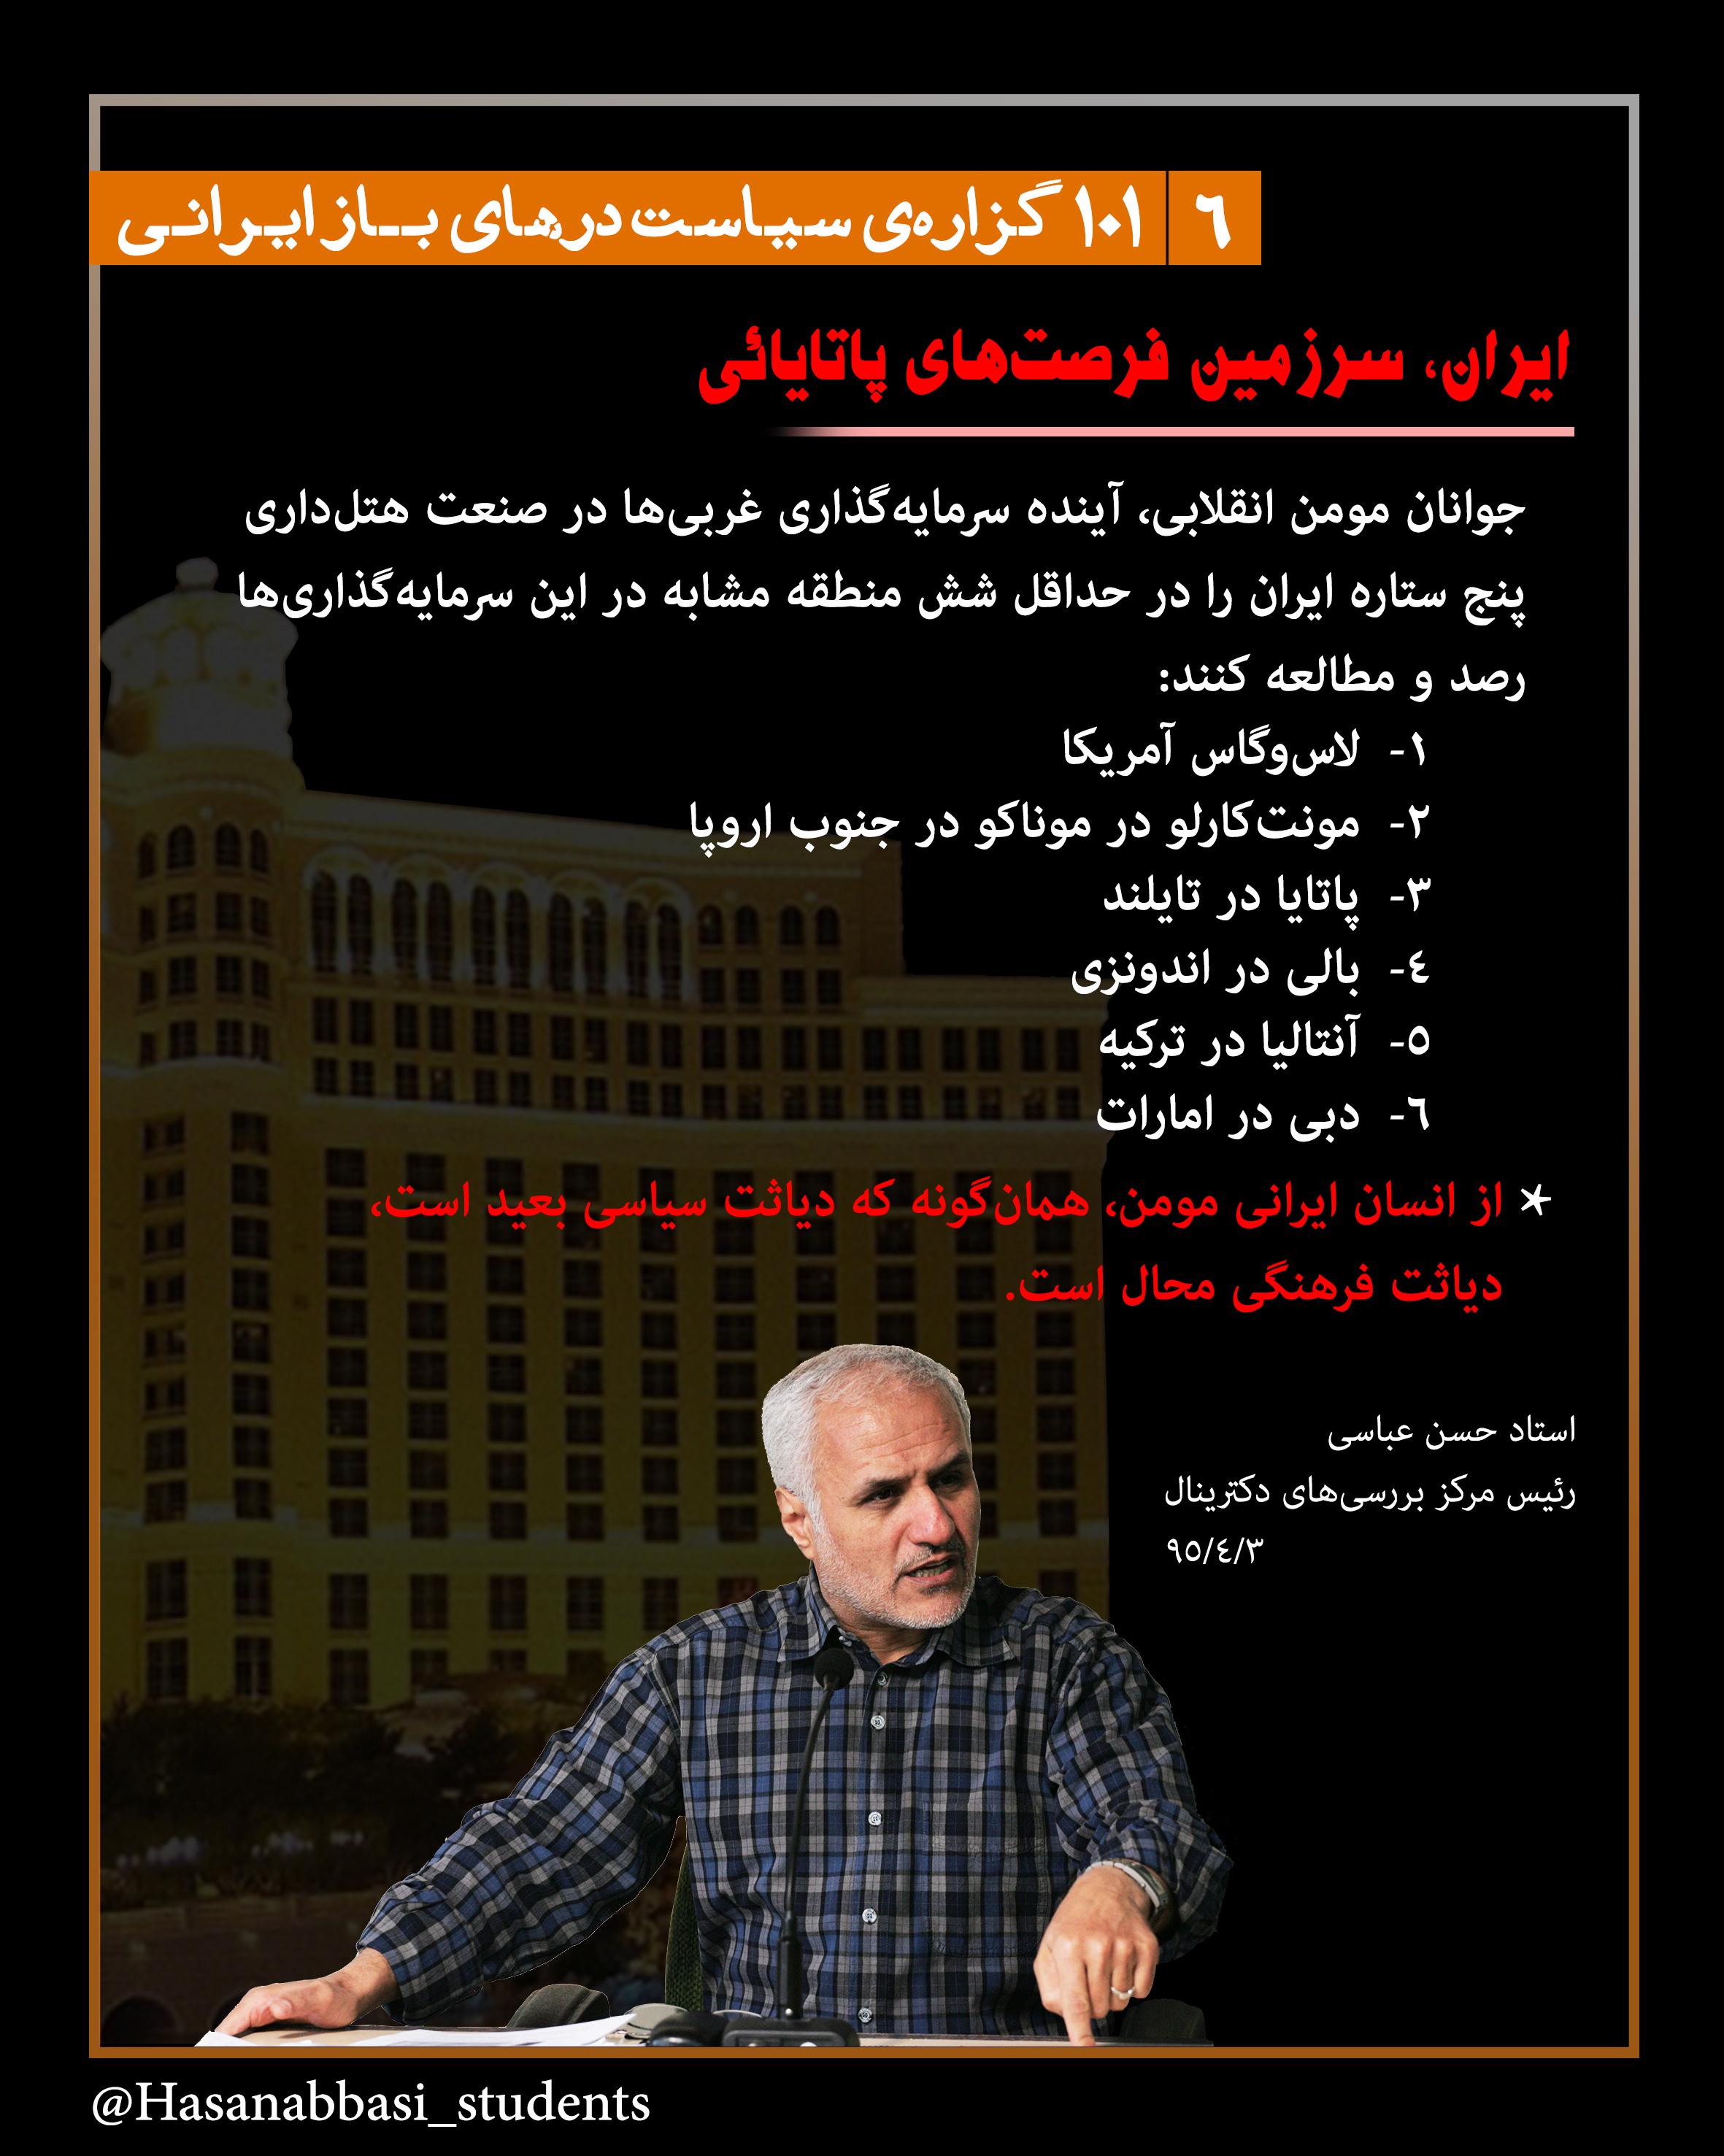 101 گزارهی سیاست درهای باز ایرانی - ایران، سرزمین فرصتهای پاتایائی